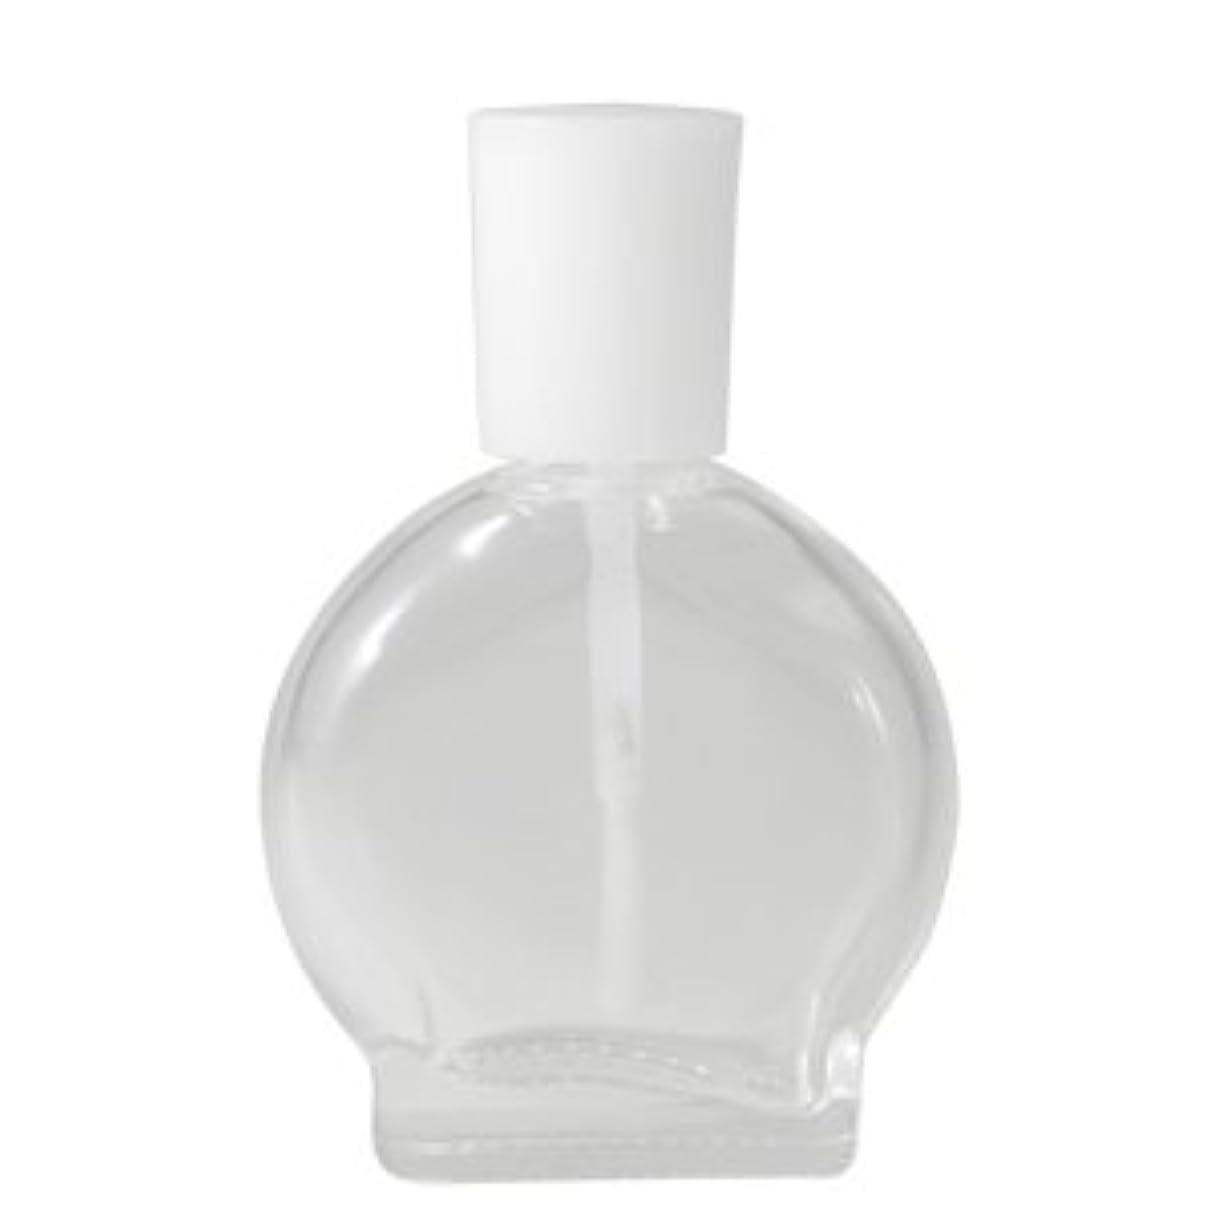 危険ぬいぐるみ鮫エナメルボトル マニキュア瓶 16ml 化粧品容器